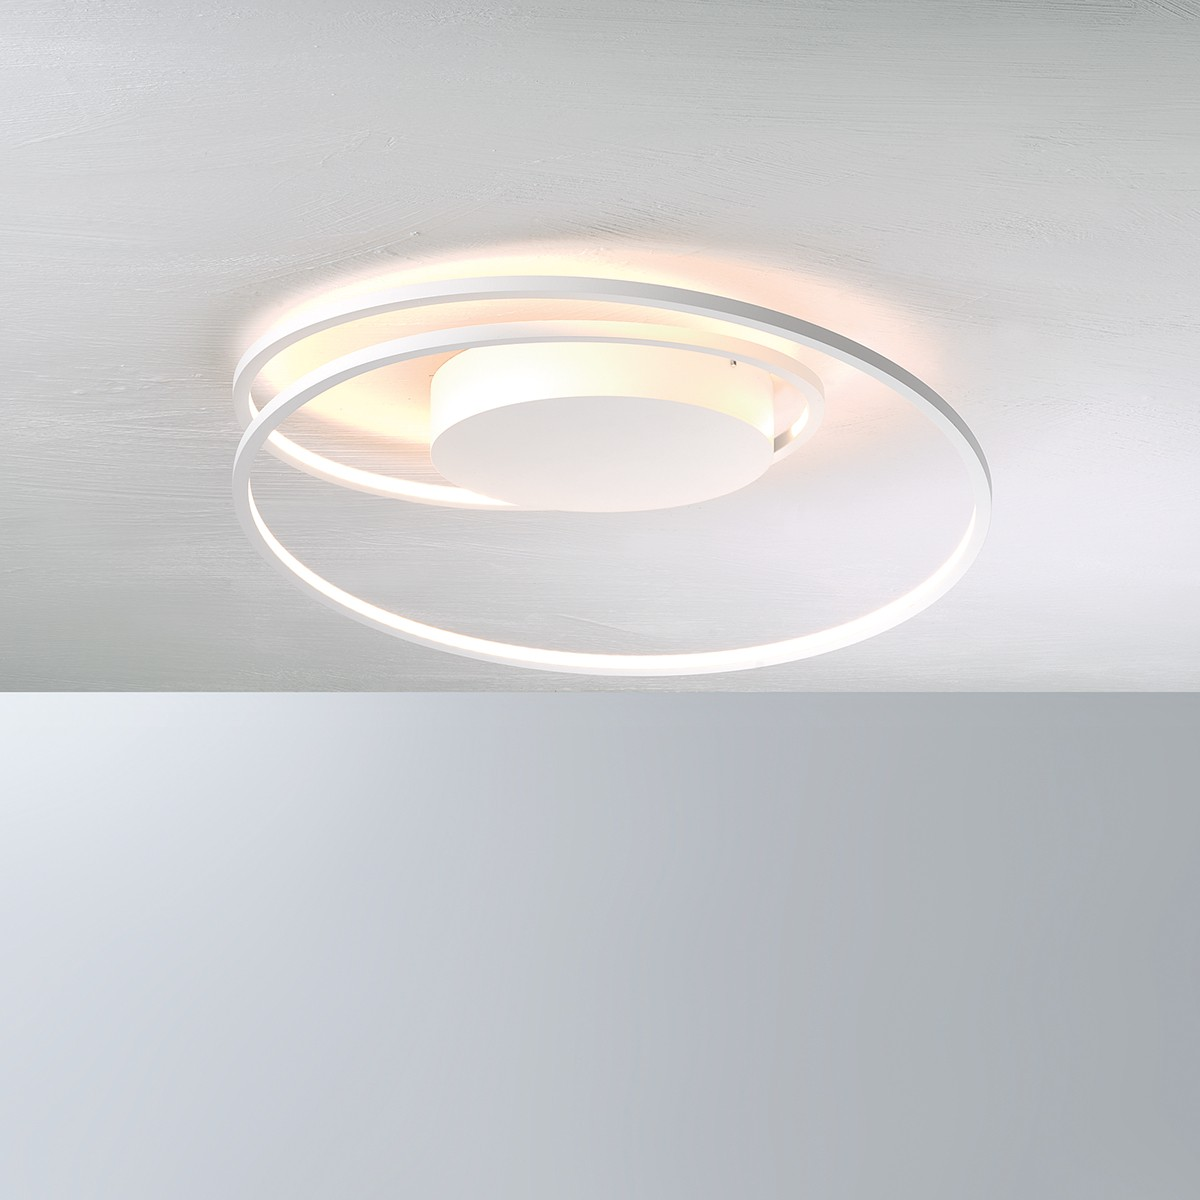 Bopp AT Deckenleuchte, weiß, Ø: 45 cm